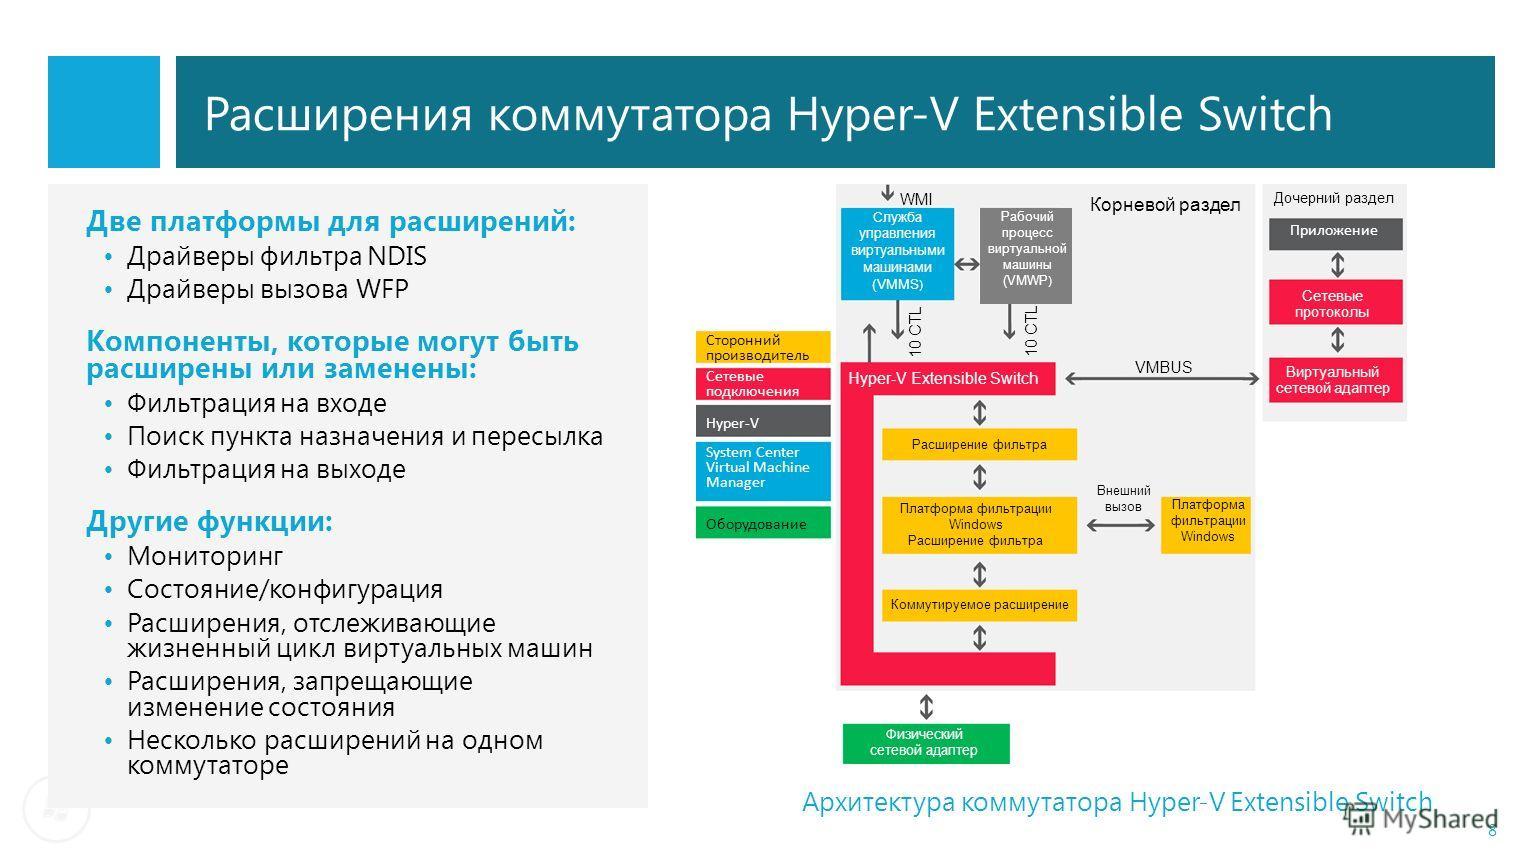 Расширения коммутатора Hyper-V Extensible Switch Две платформы для расширений: Драйверы фильтра NDIS Драйверы вызова WFP Компоненты, которые могут быть расширены или заменены: Фильтрация на входе Поиск пункта назначения и пересылка Фильтрация на выхо